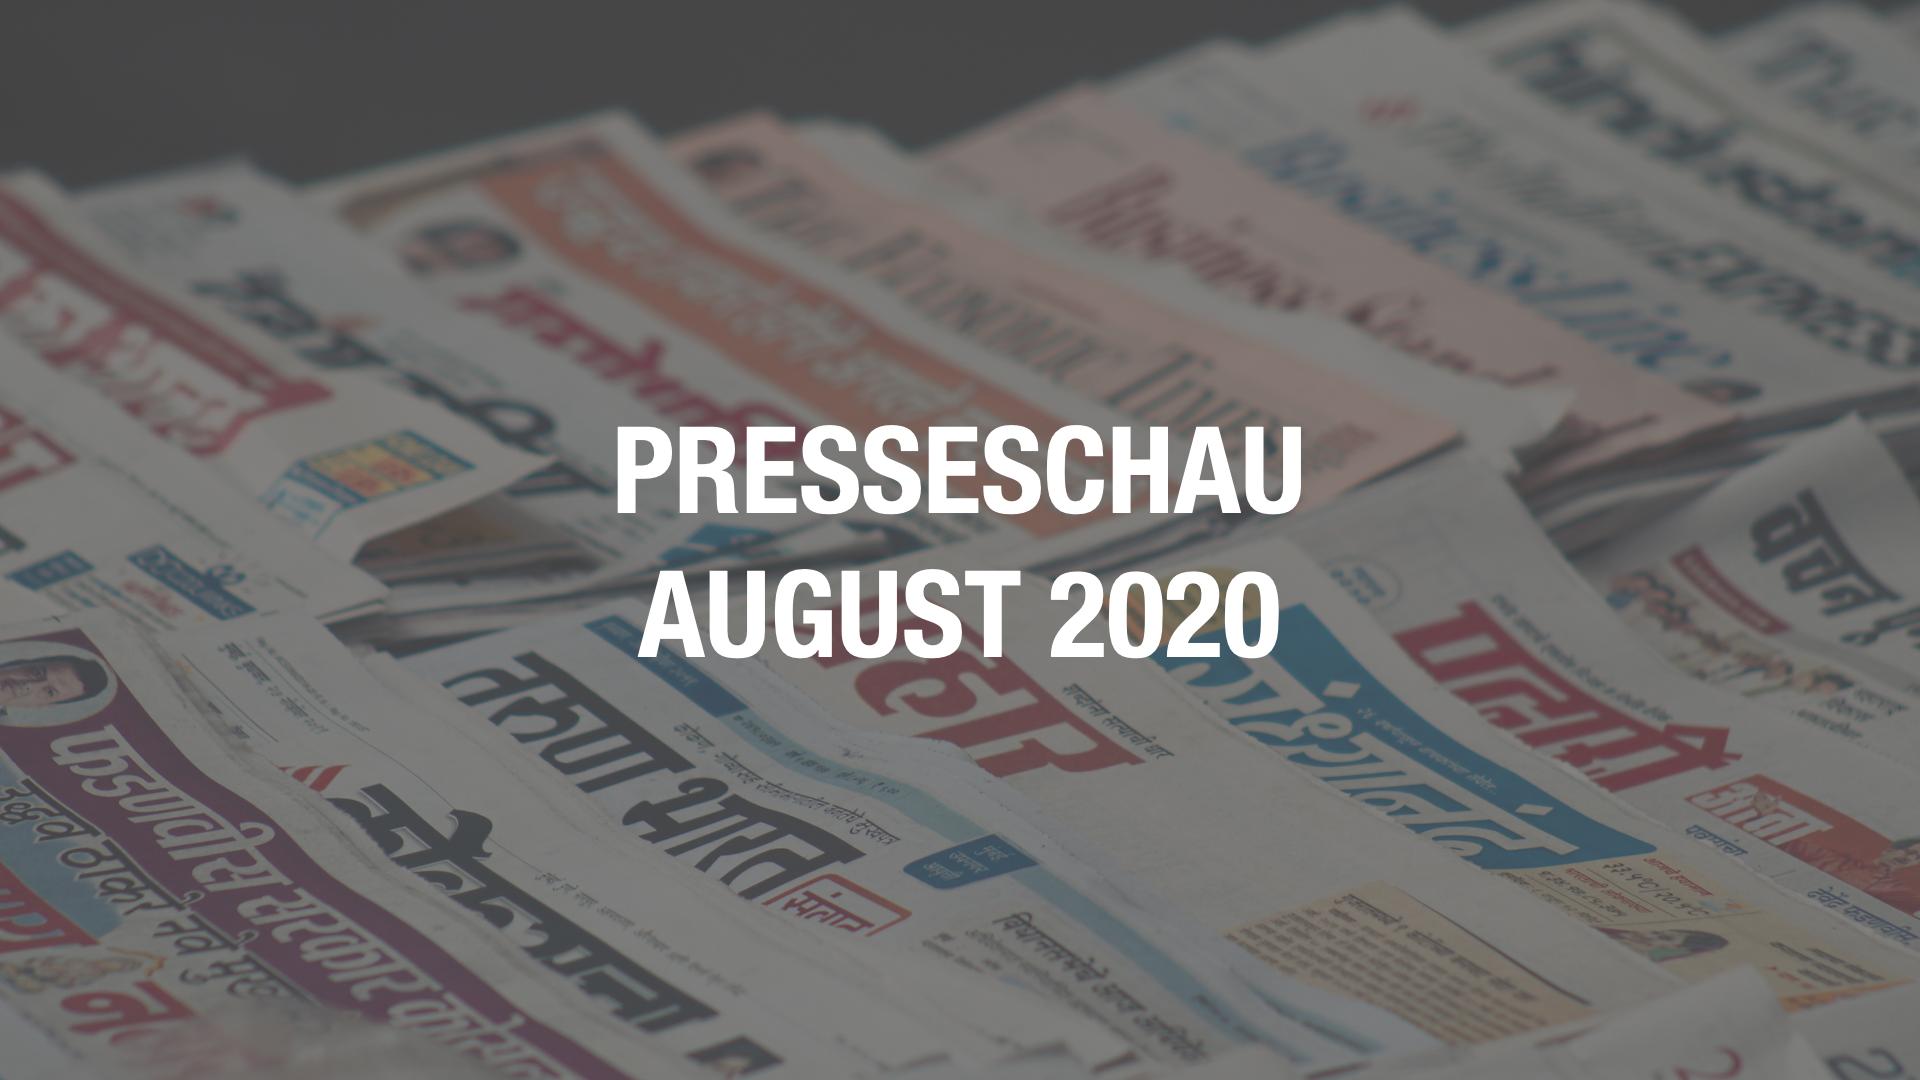 Presseschau: Coworking im August 2020